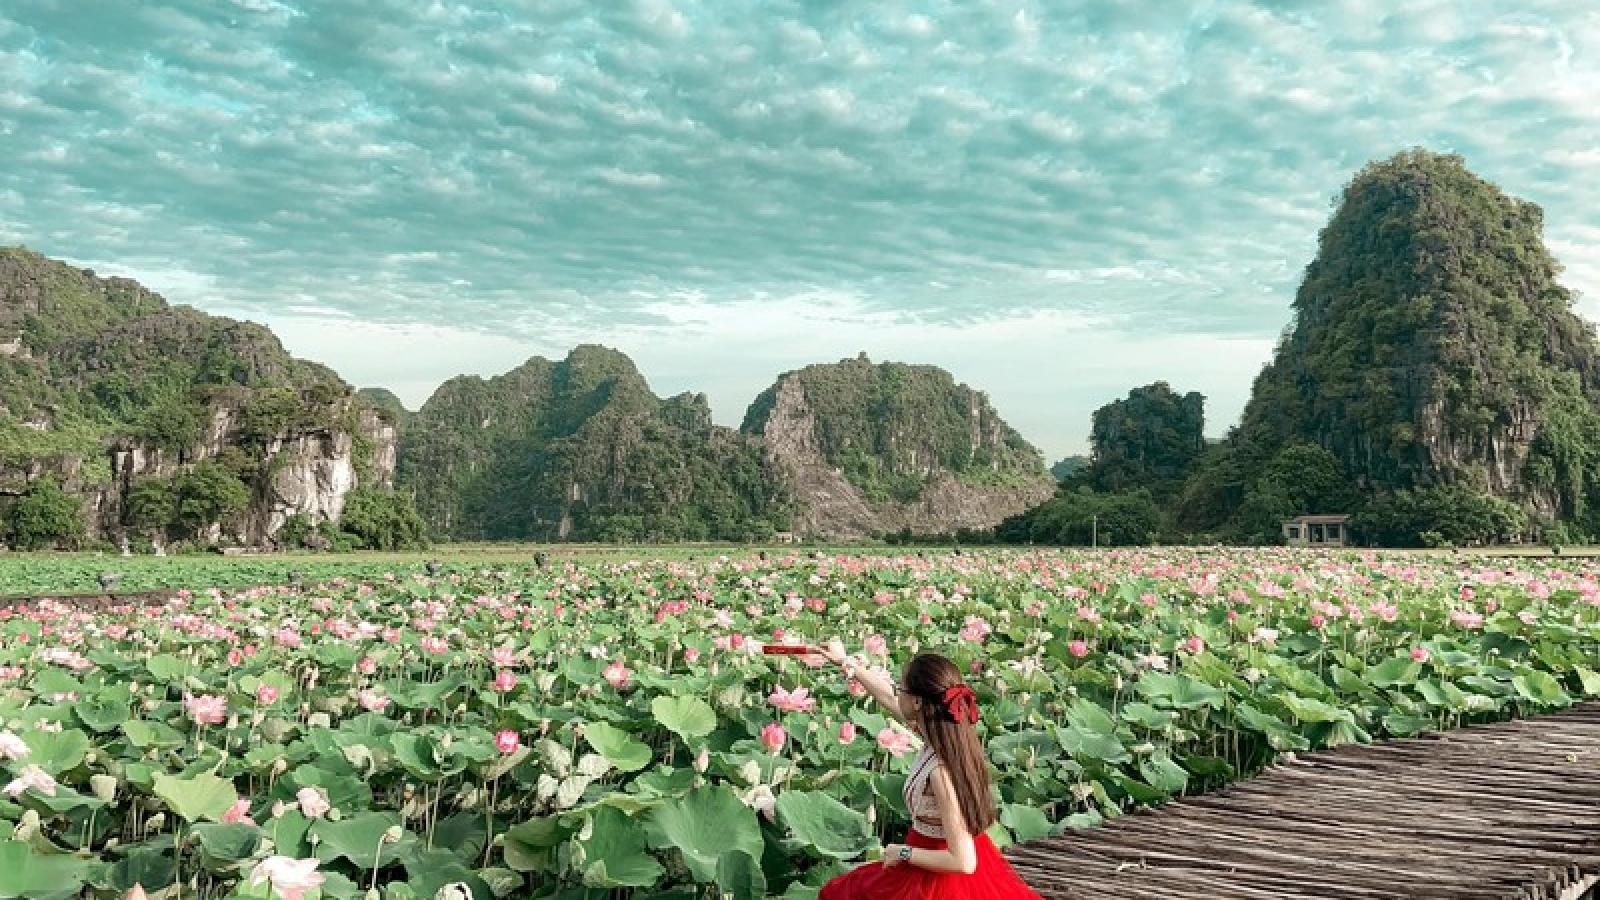 Sen miền Bắc đã tàn, hồ sen Ninh Bình vẫn nở rộ hút khách du lịch